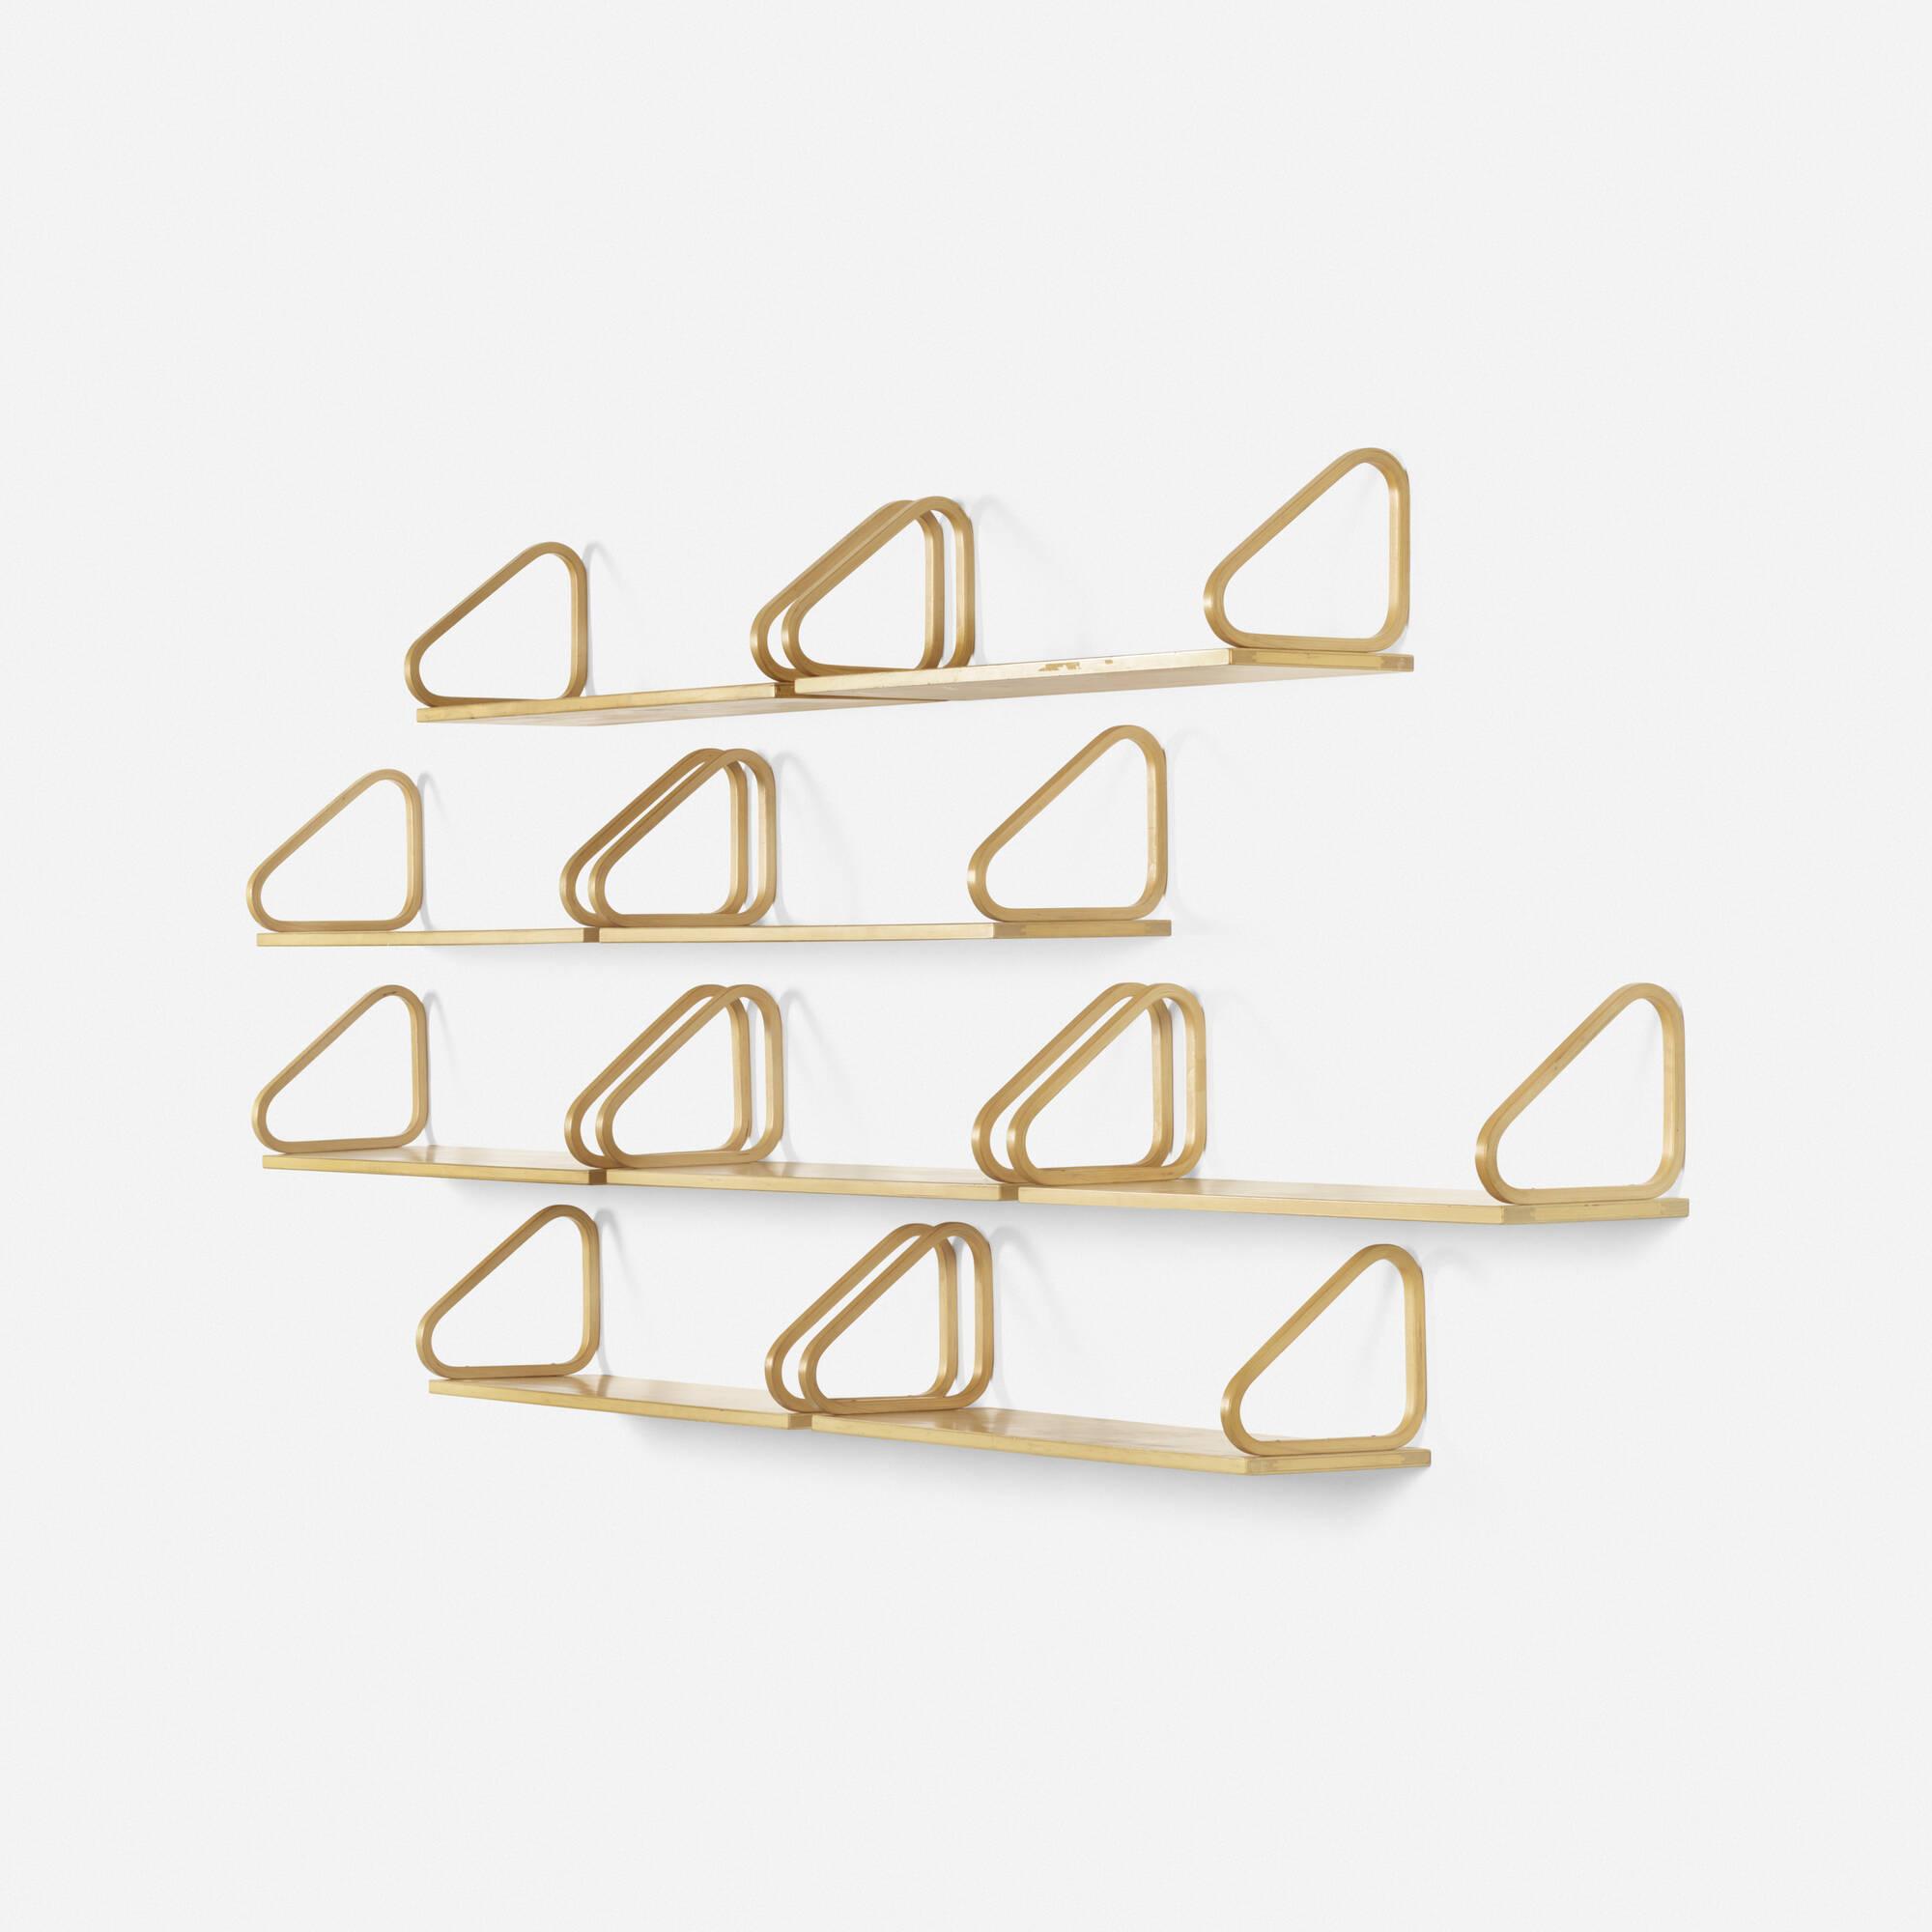 158: Alvar Aalto / shelves, set of nine (1 of 1)